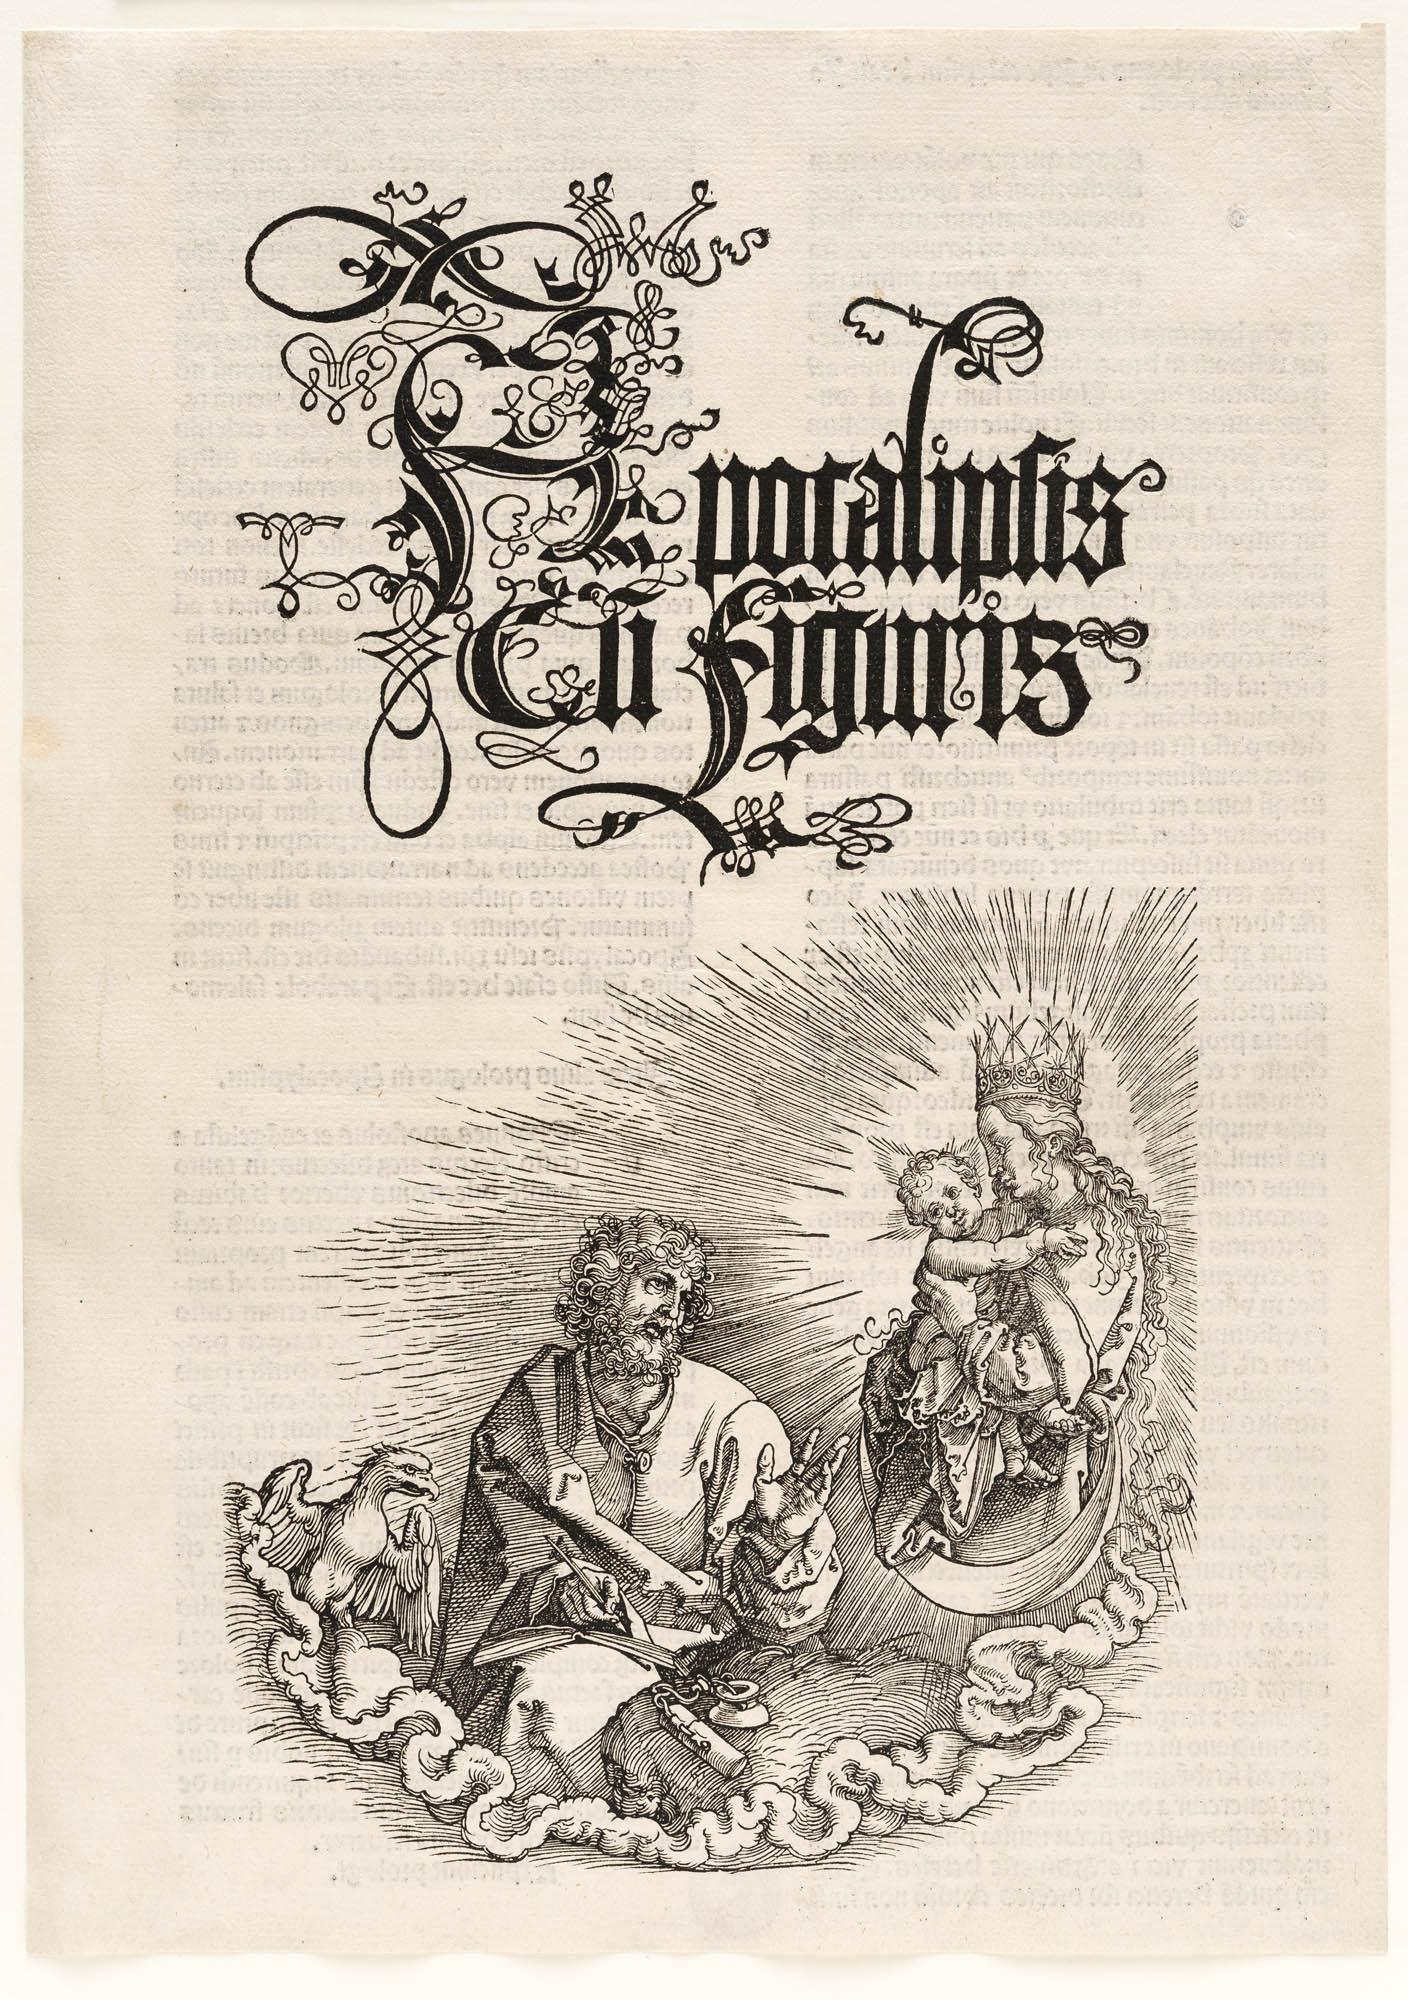 Einzelseite, Das Sonnenweib und der siebenhäuptige Drache (Apokalypse – Die Offenbarung des Johannes) Albrecht Dürer Book